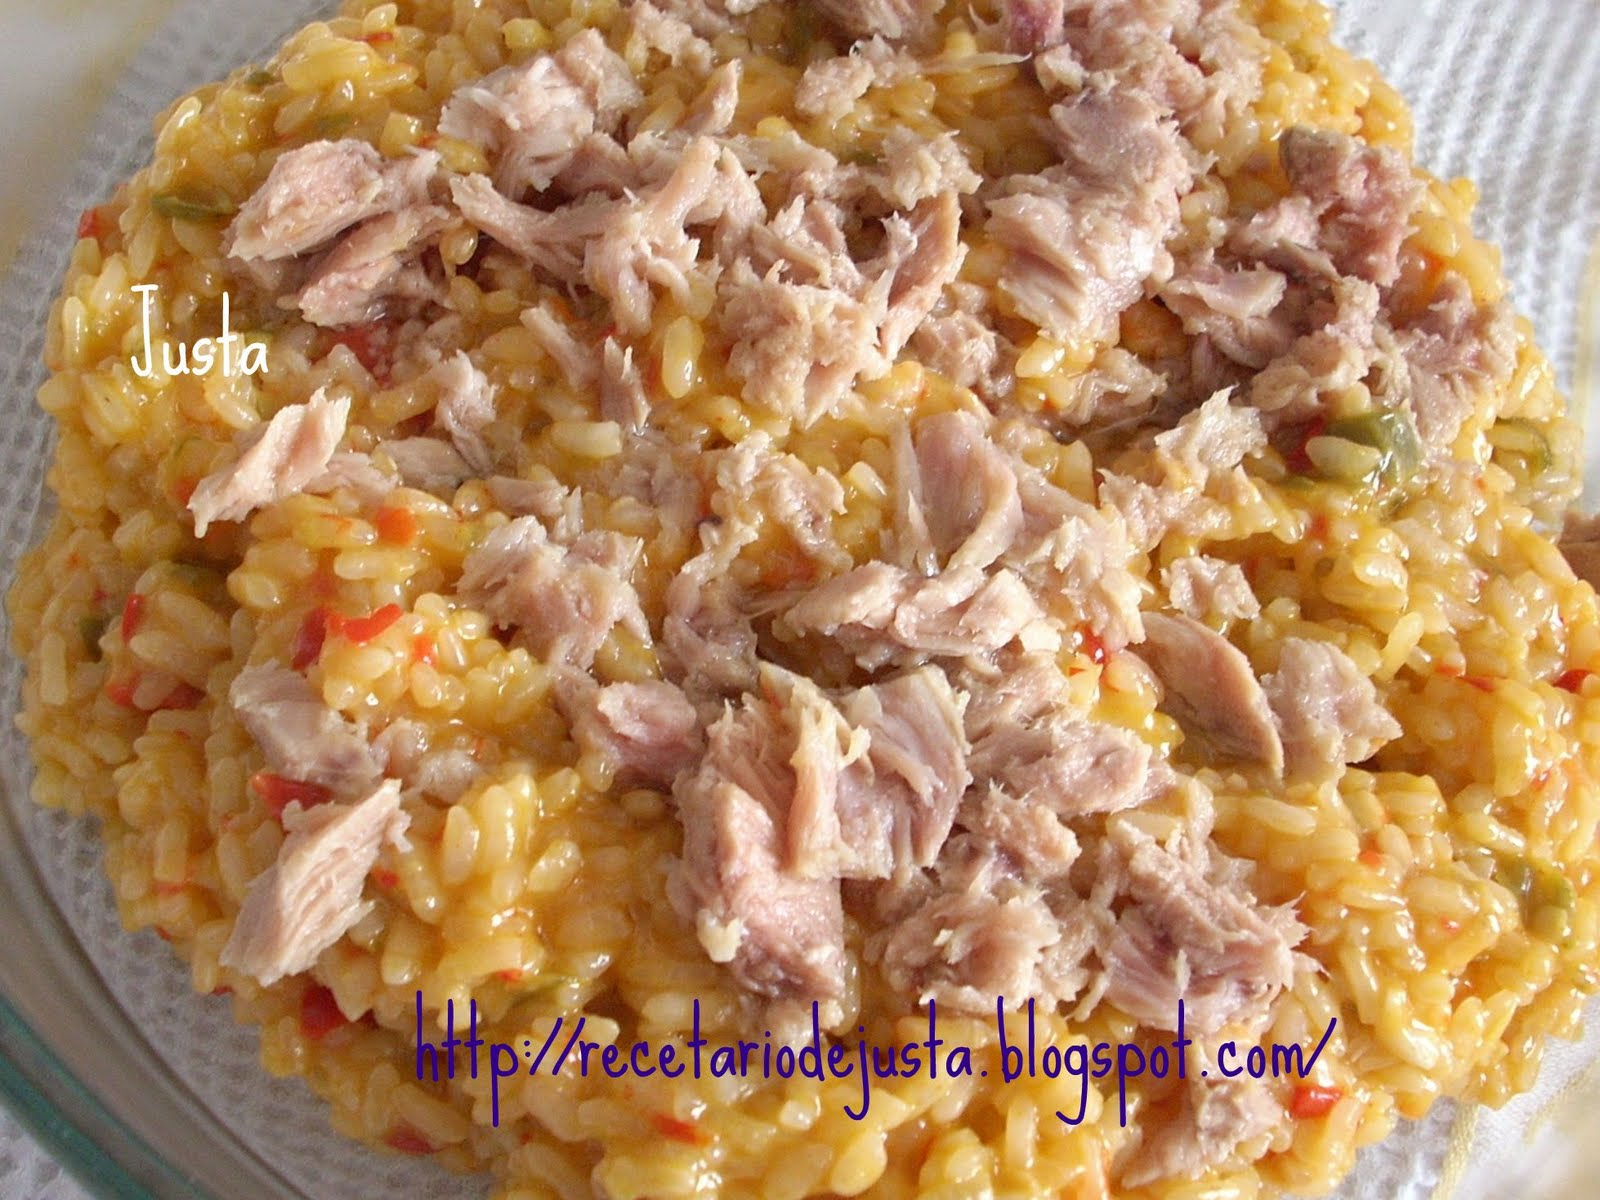 Recetario de justa arroz con at n dieta - Ensalada de arroz con atun ...